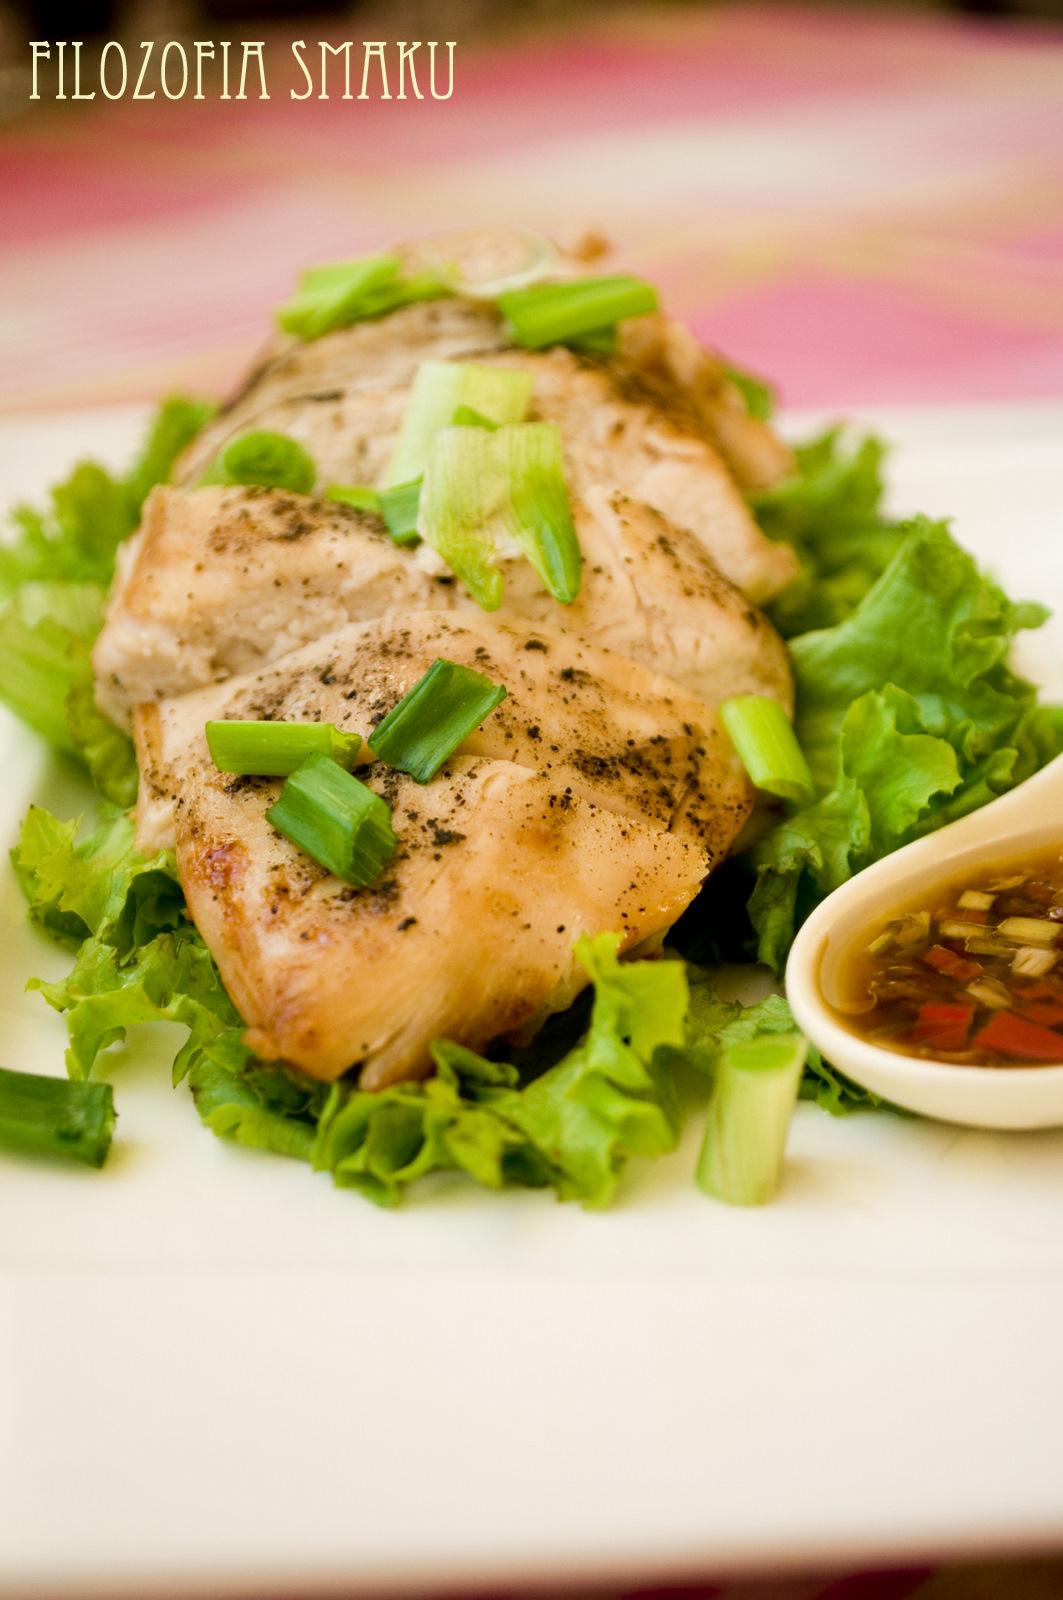 Kurczak W Sosie Sojowo Sezamowym Po Wietnamsku Filozofia Smaku